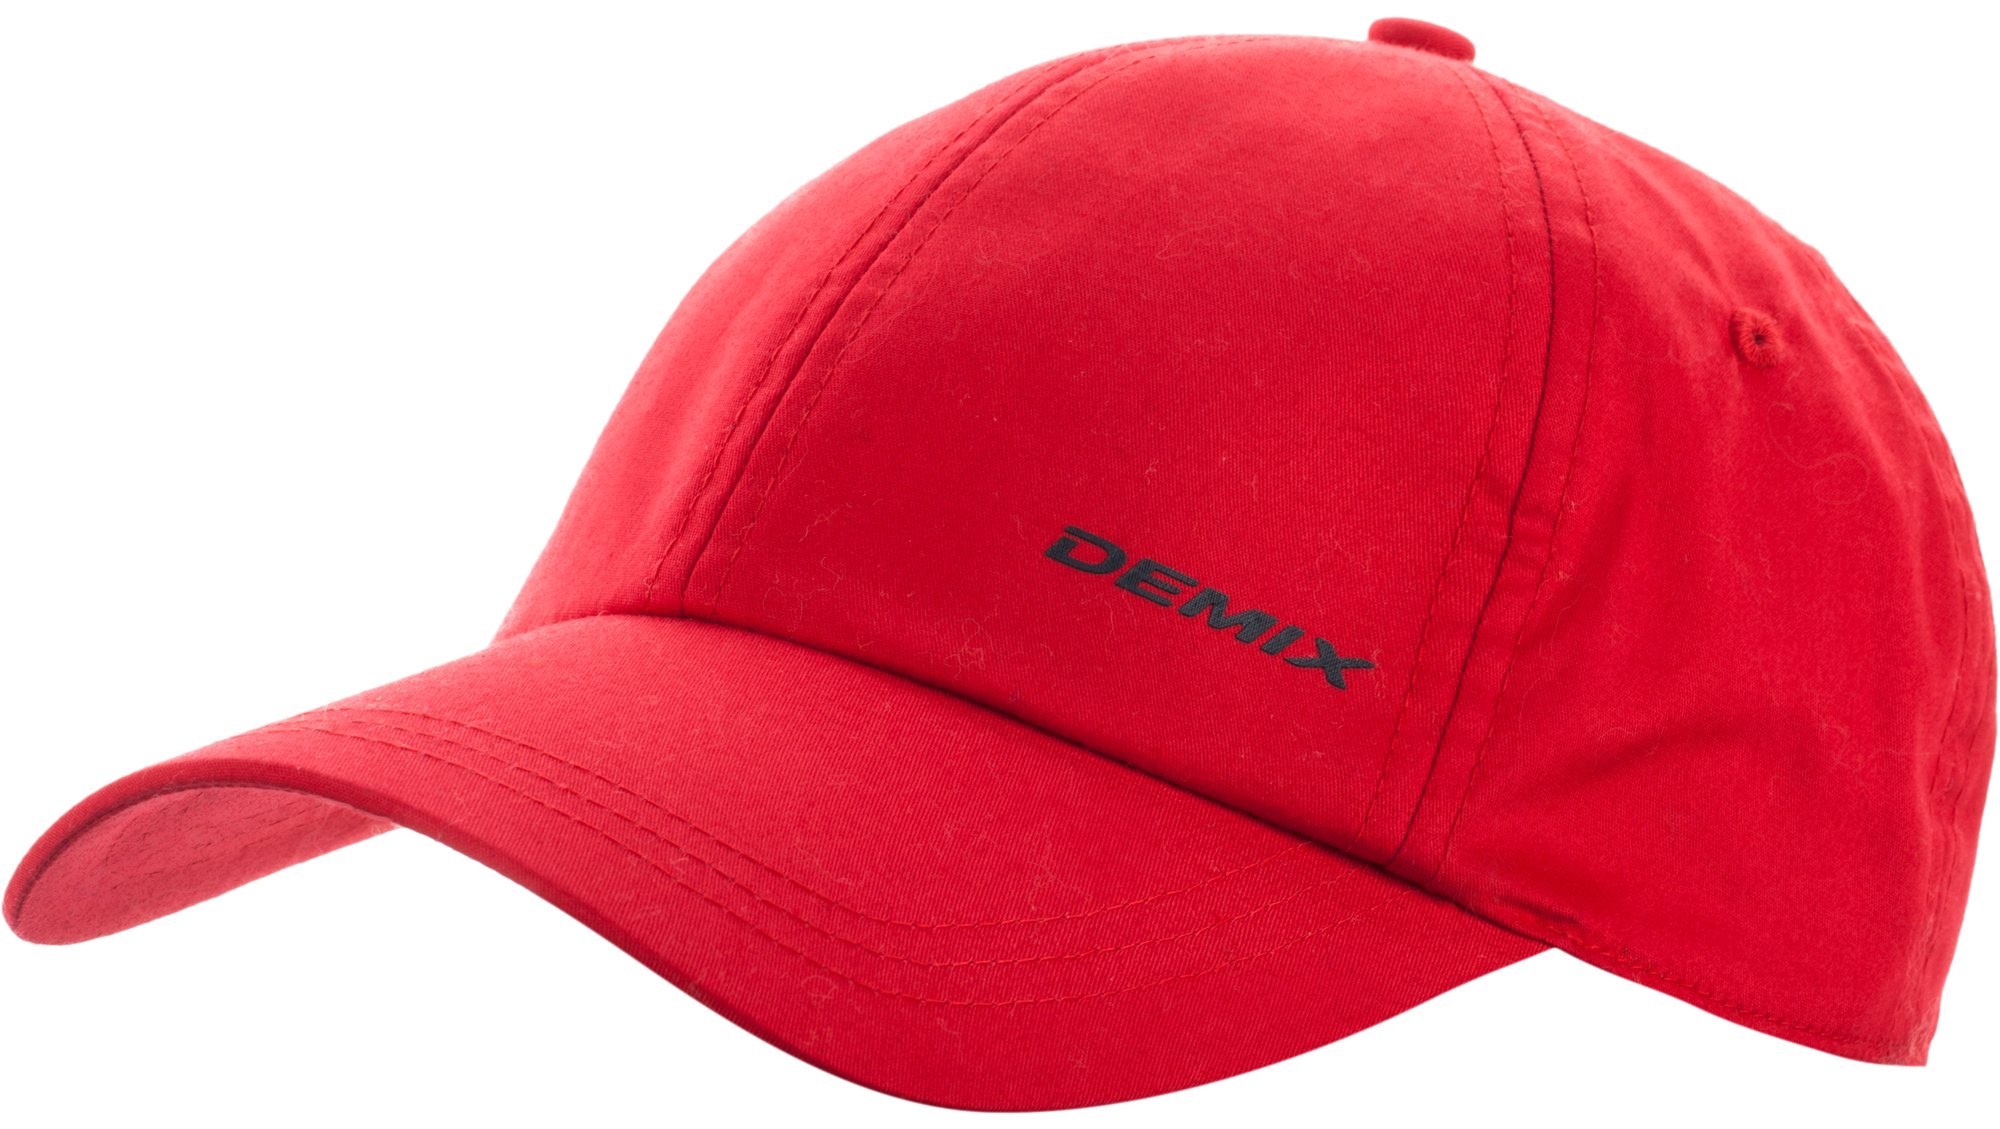 Demix Бейсболка Demix, размер Без размера demix капа demix размер без размера